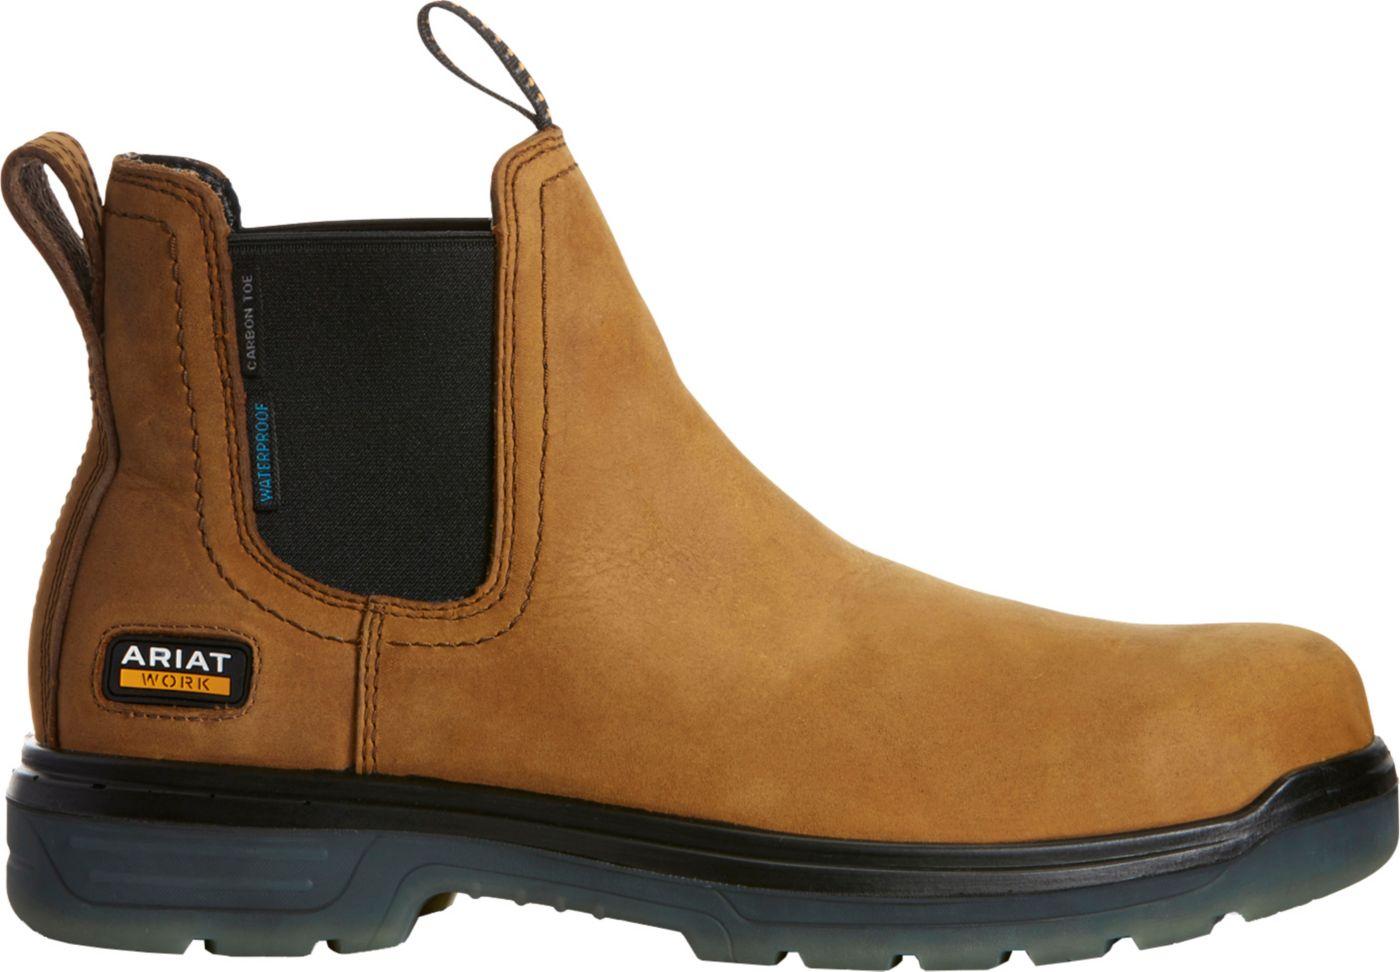 Ariat Men's Turbo Chelsea Waterproof Carbon Toe Work Boots